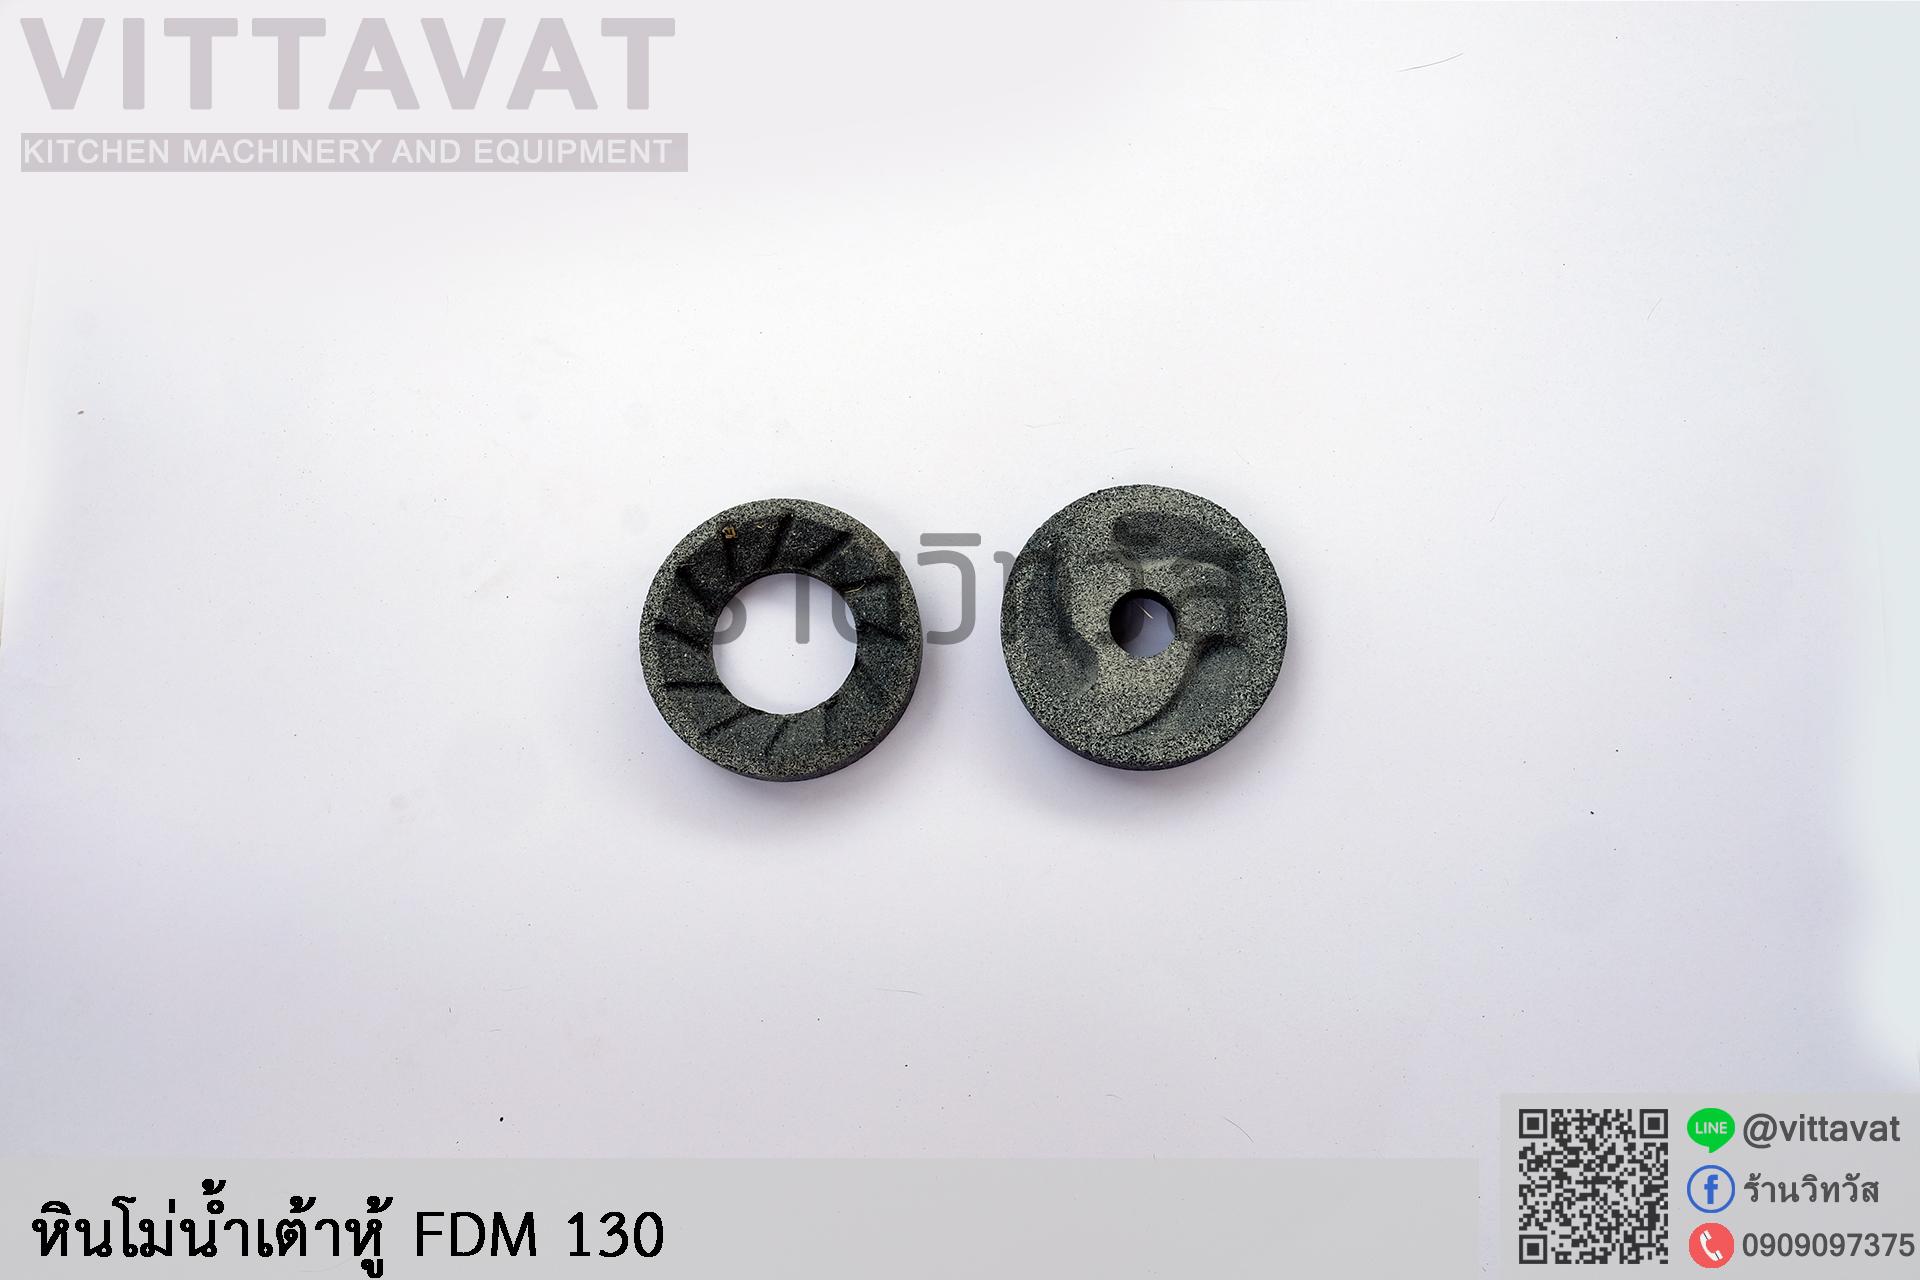 หินเครื่องโม่แยกกากน้ำเต้าหู้ FDM-130